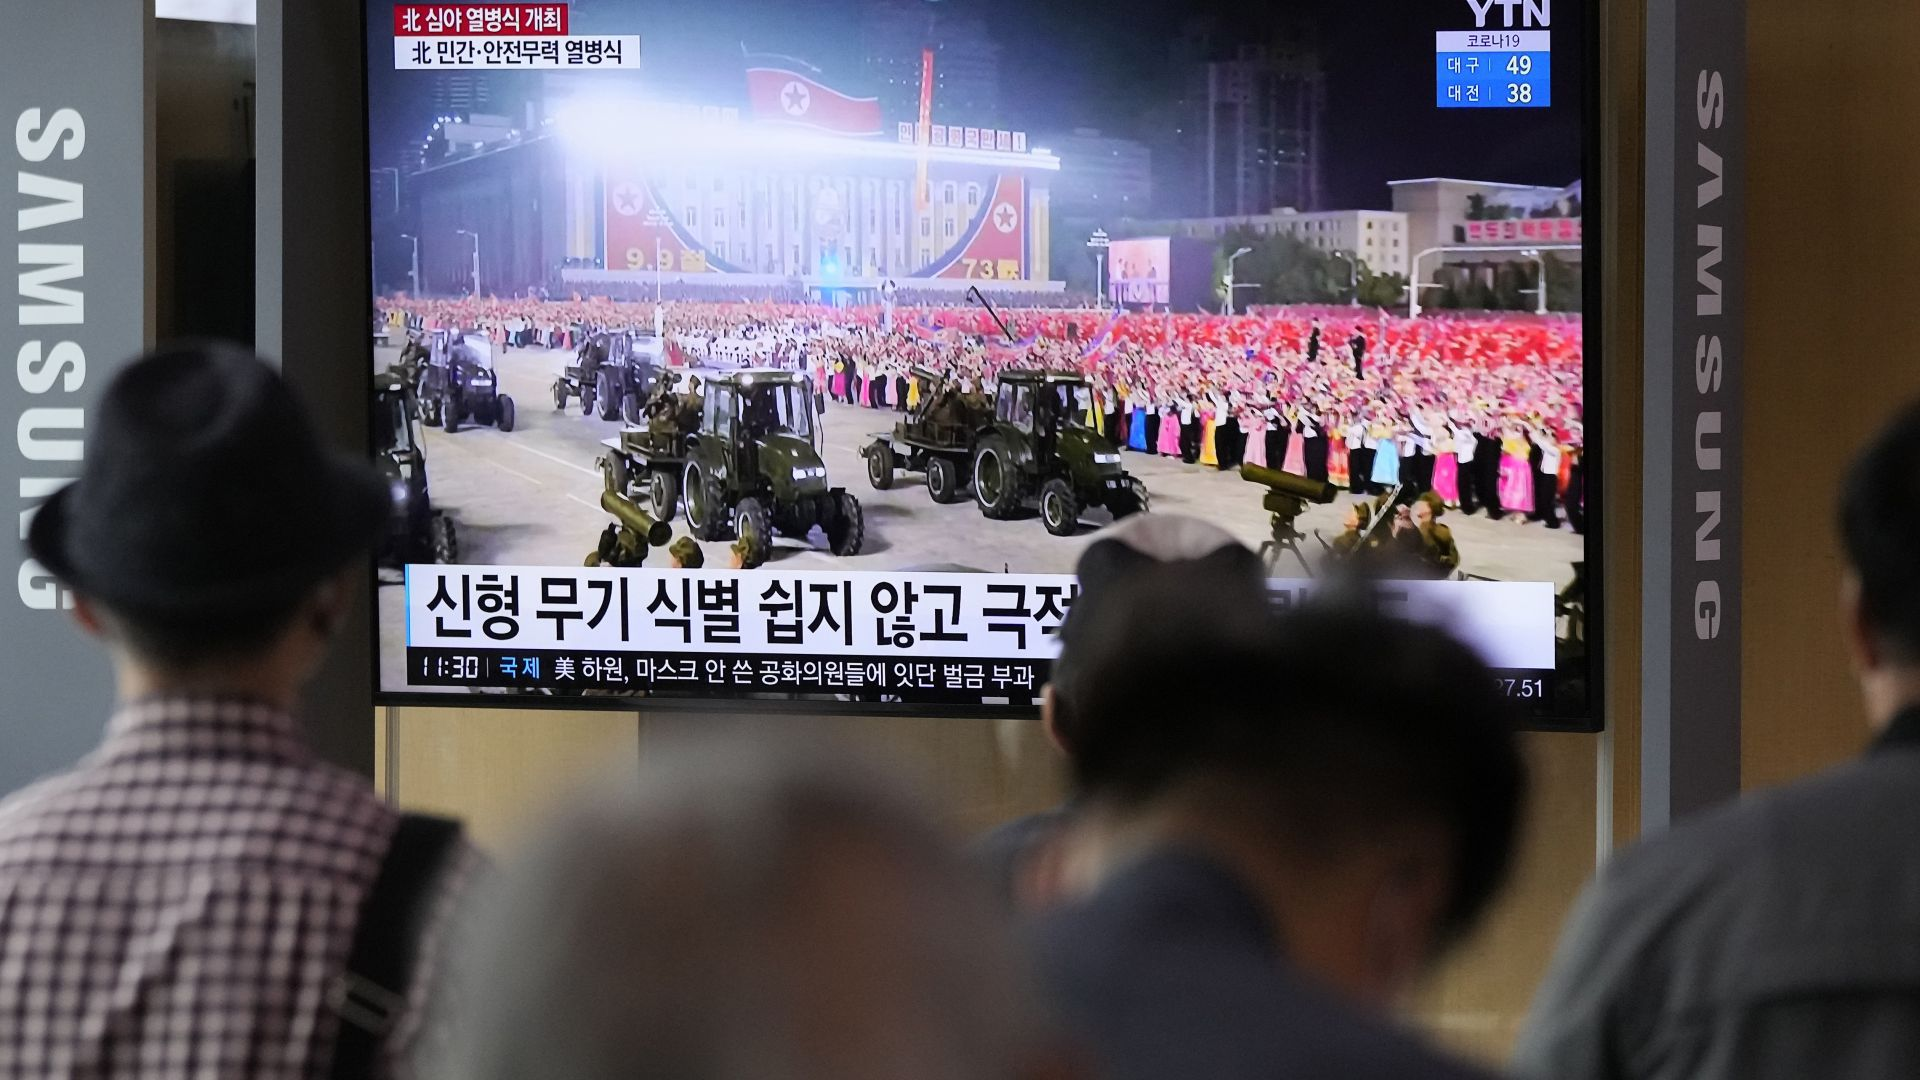 Северна Корея проведе среднощен военен парад (снимки)